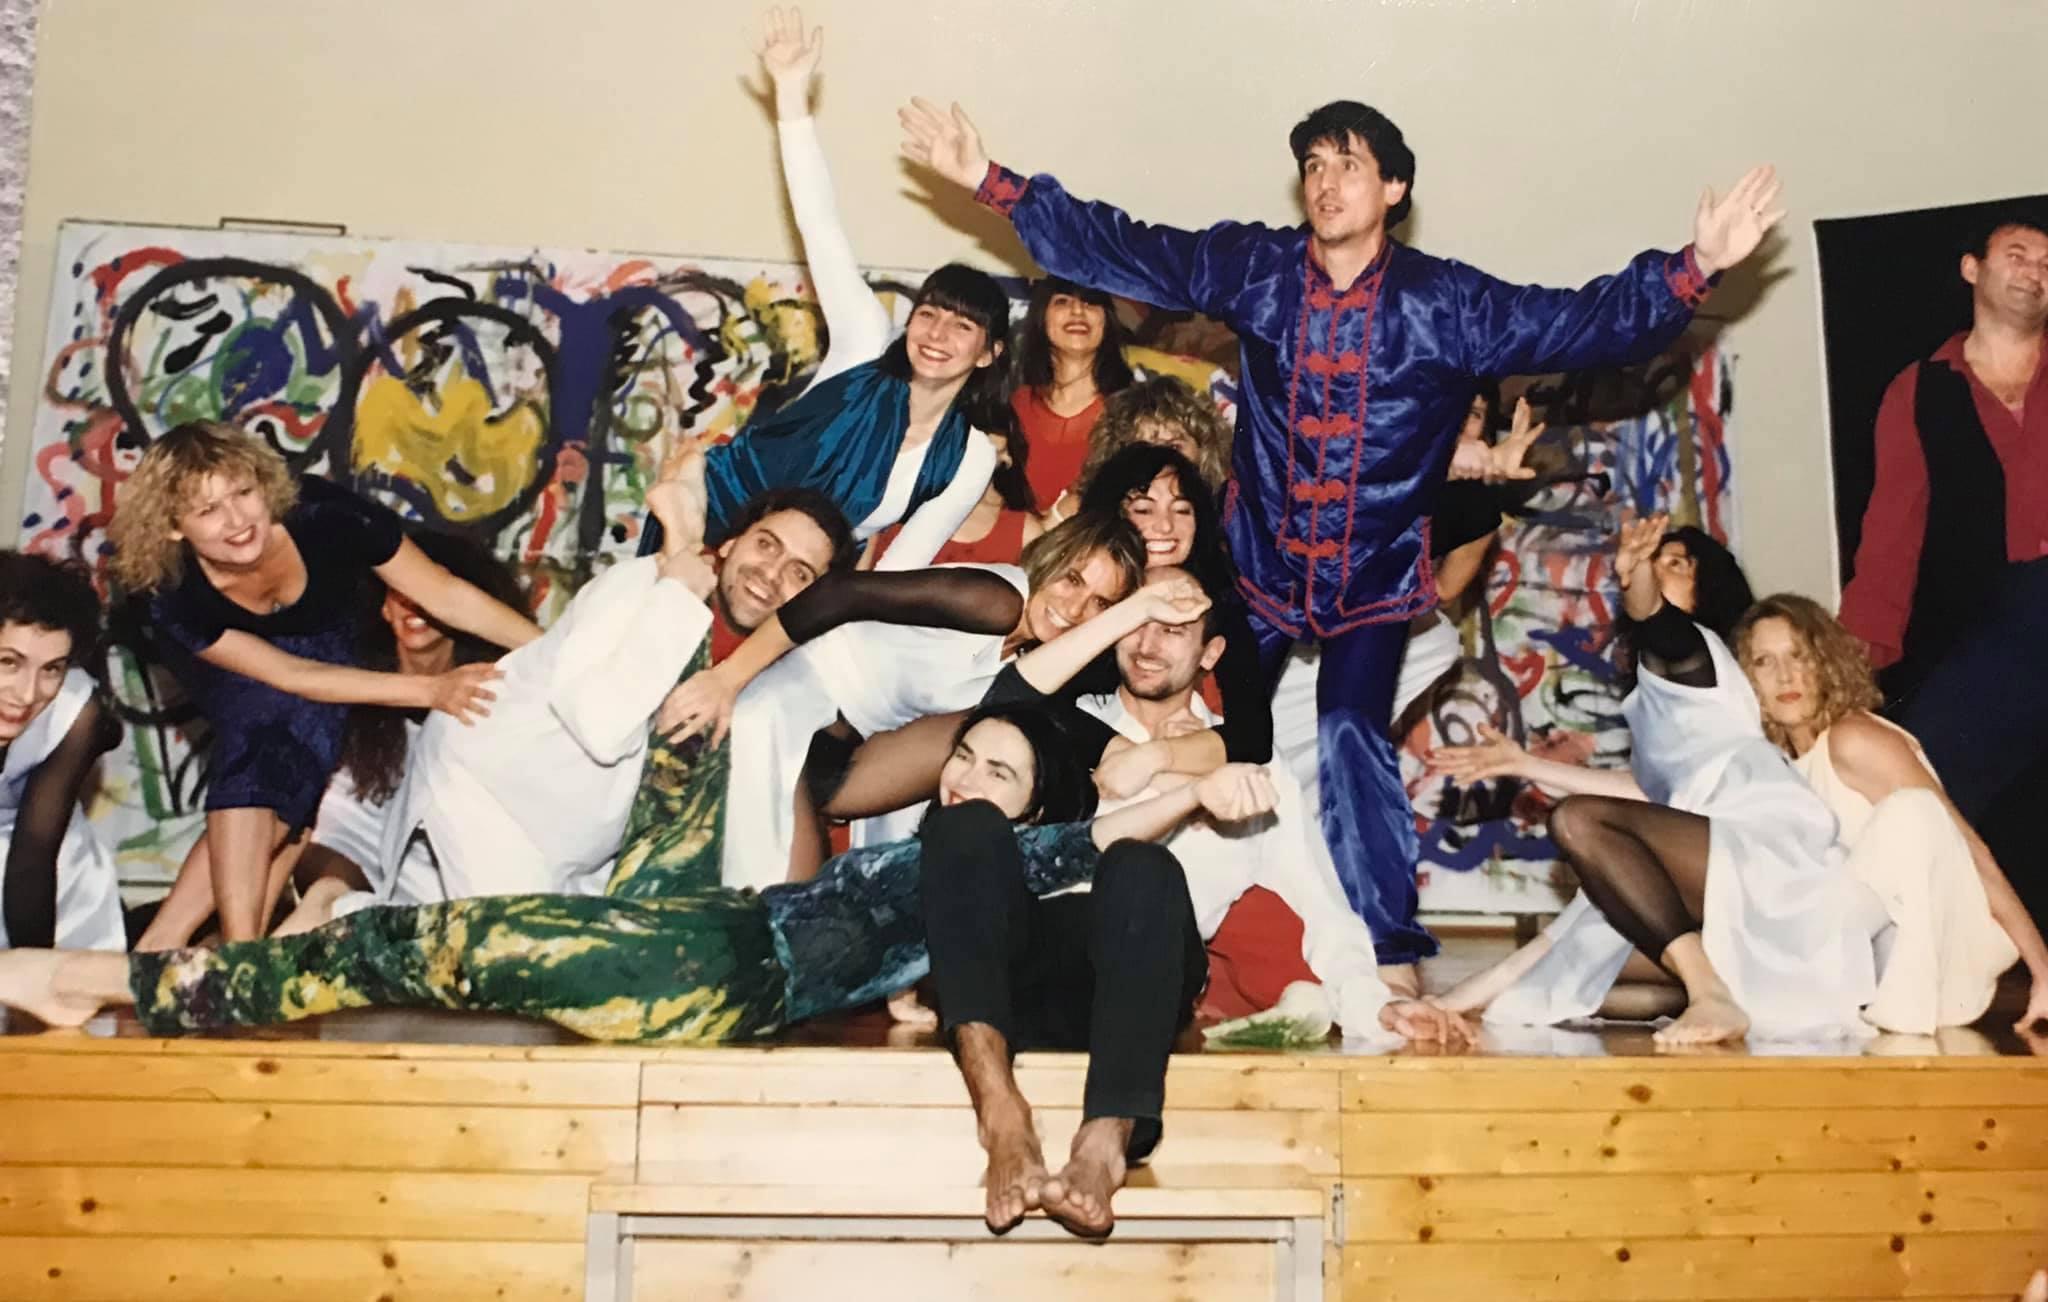 Laboratorio di danzateatro - La danza disegna lo spazio